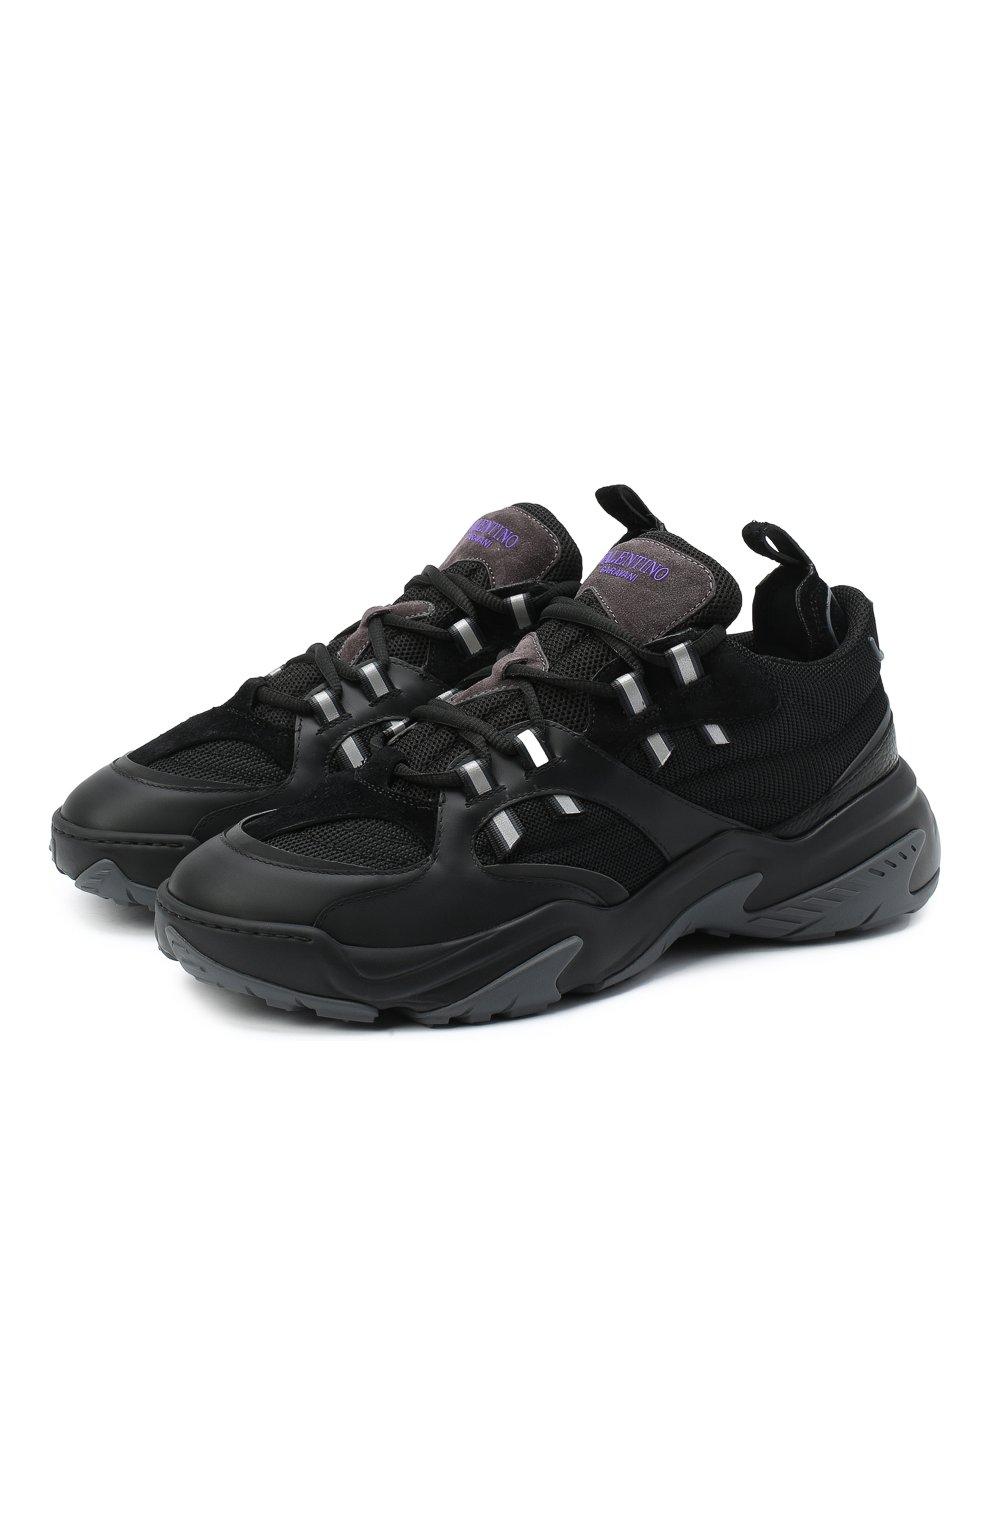 Мужские комбинированные кроссовки afterdusk VALENTINO черного цвета, арт. UY2S0D52/EIR   Фото 1 (Материал внешний: Текстиль; Стили: Гранж; Материал внутренний: Текстиль; Подошва: Массивная)